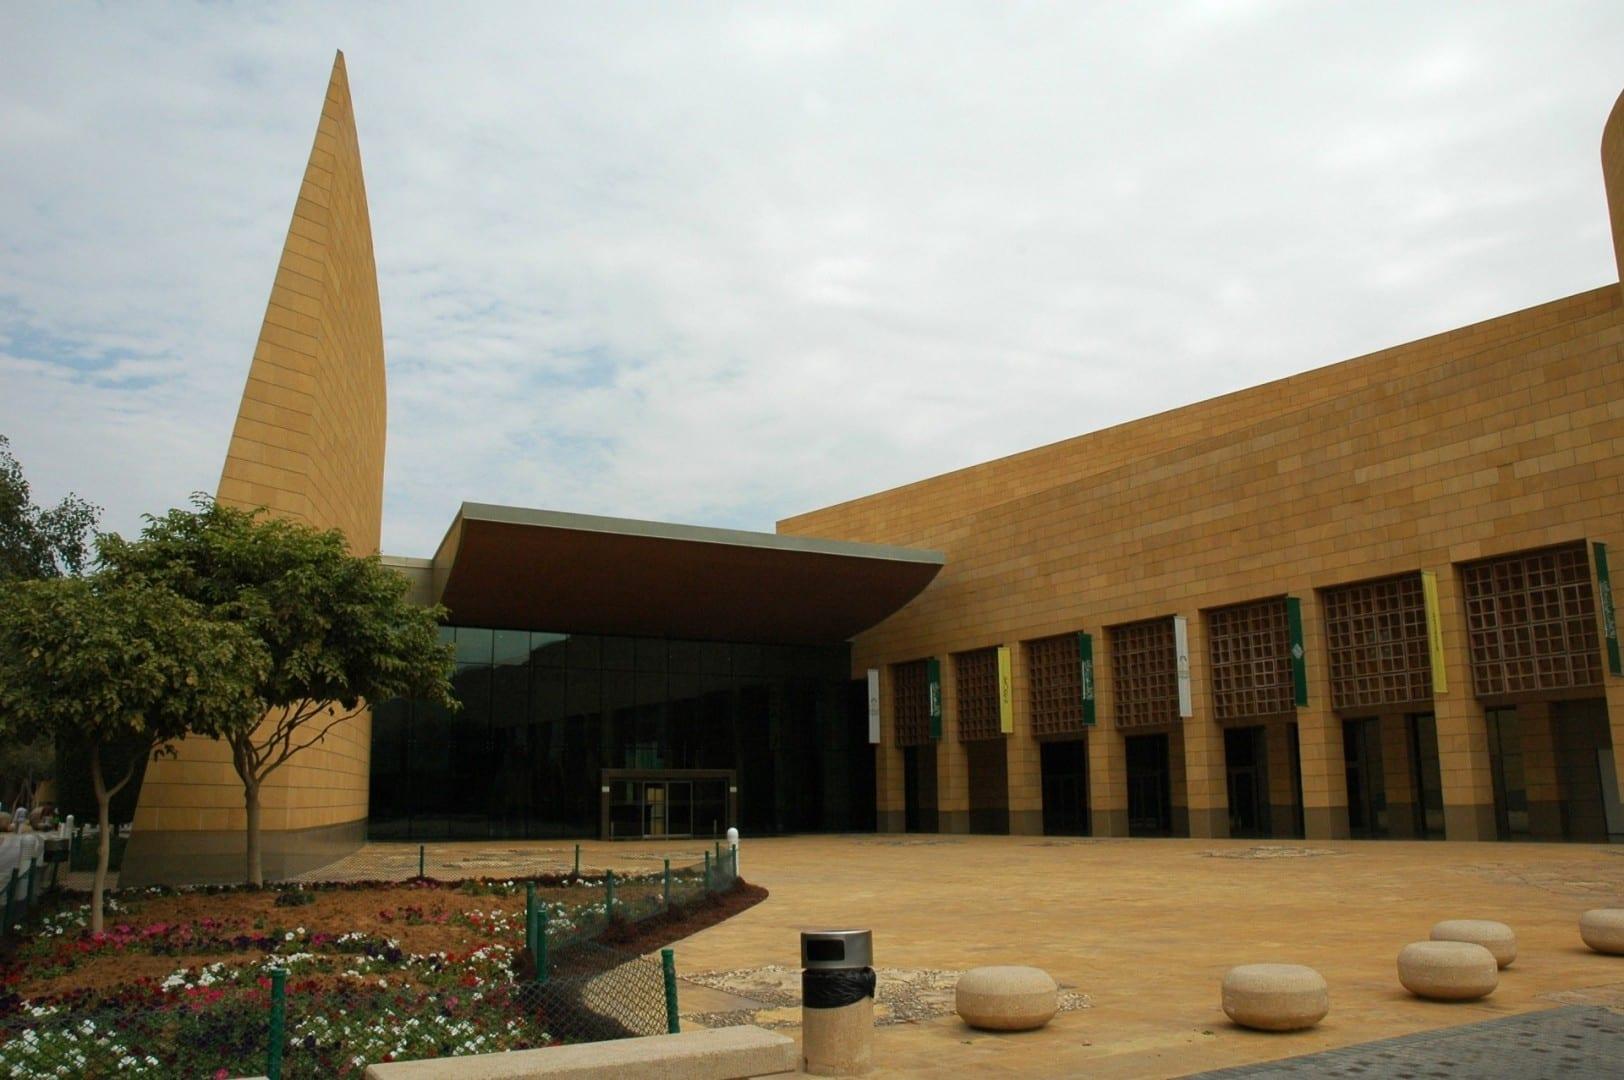 La fachada puntiaguda del Museo Nacional Riyadh Arabia Saudí